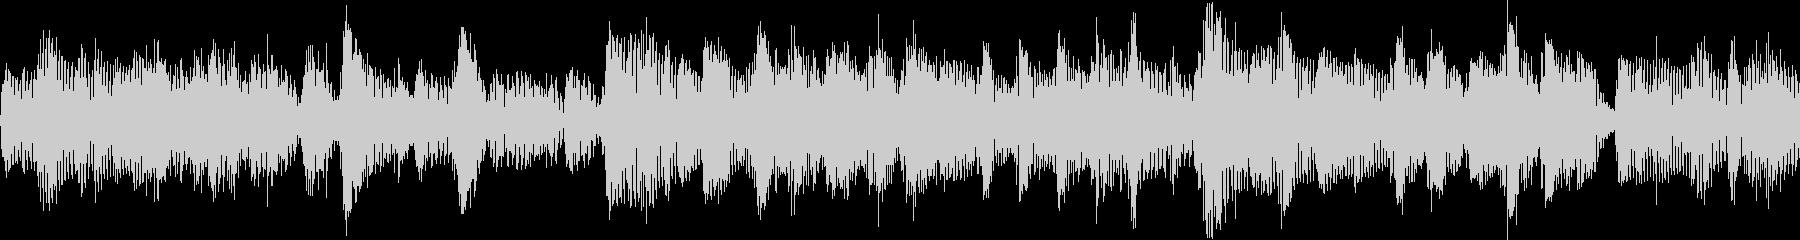 4ビートジャズのジングル2_(ループ)の未再生の波形